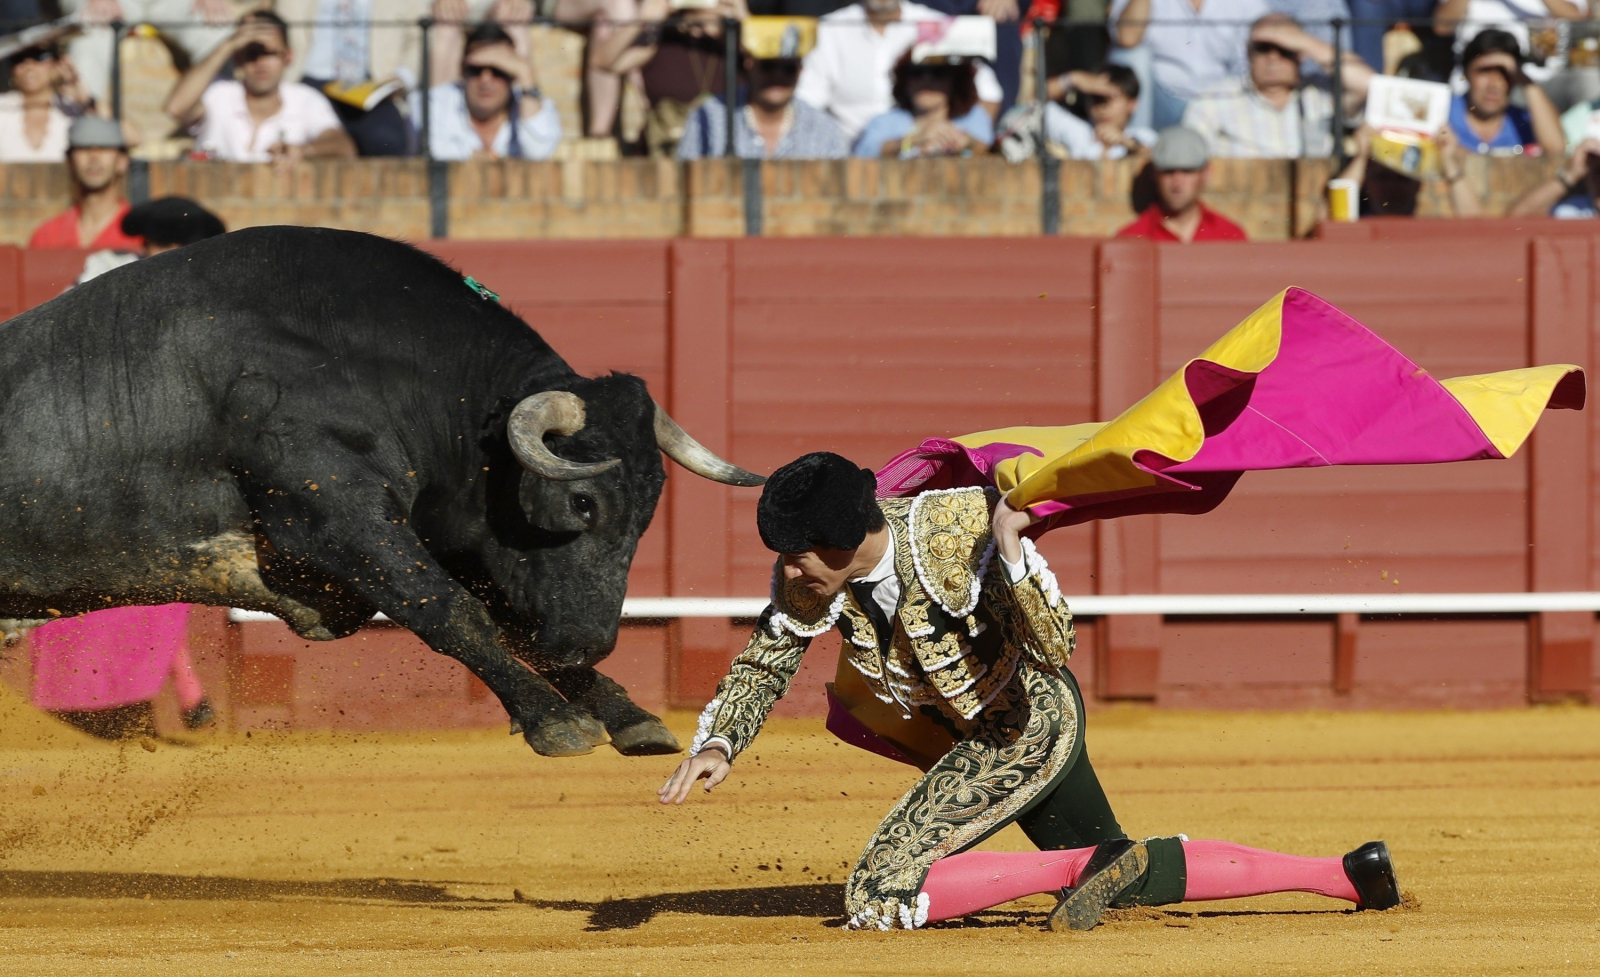 Hiszpański torreador Esau Fernandez w czasie swojej walki z bykiem, Sewilla, Hiszpania.